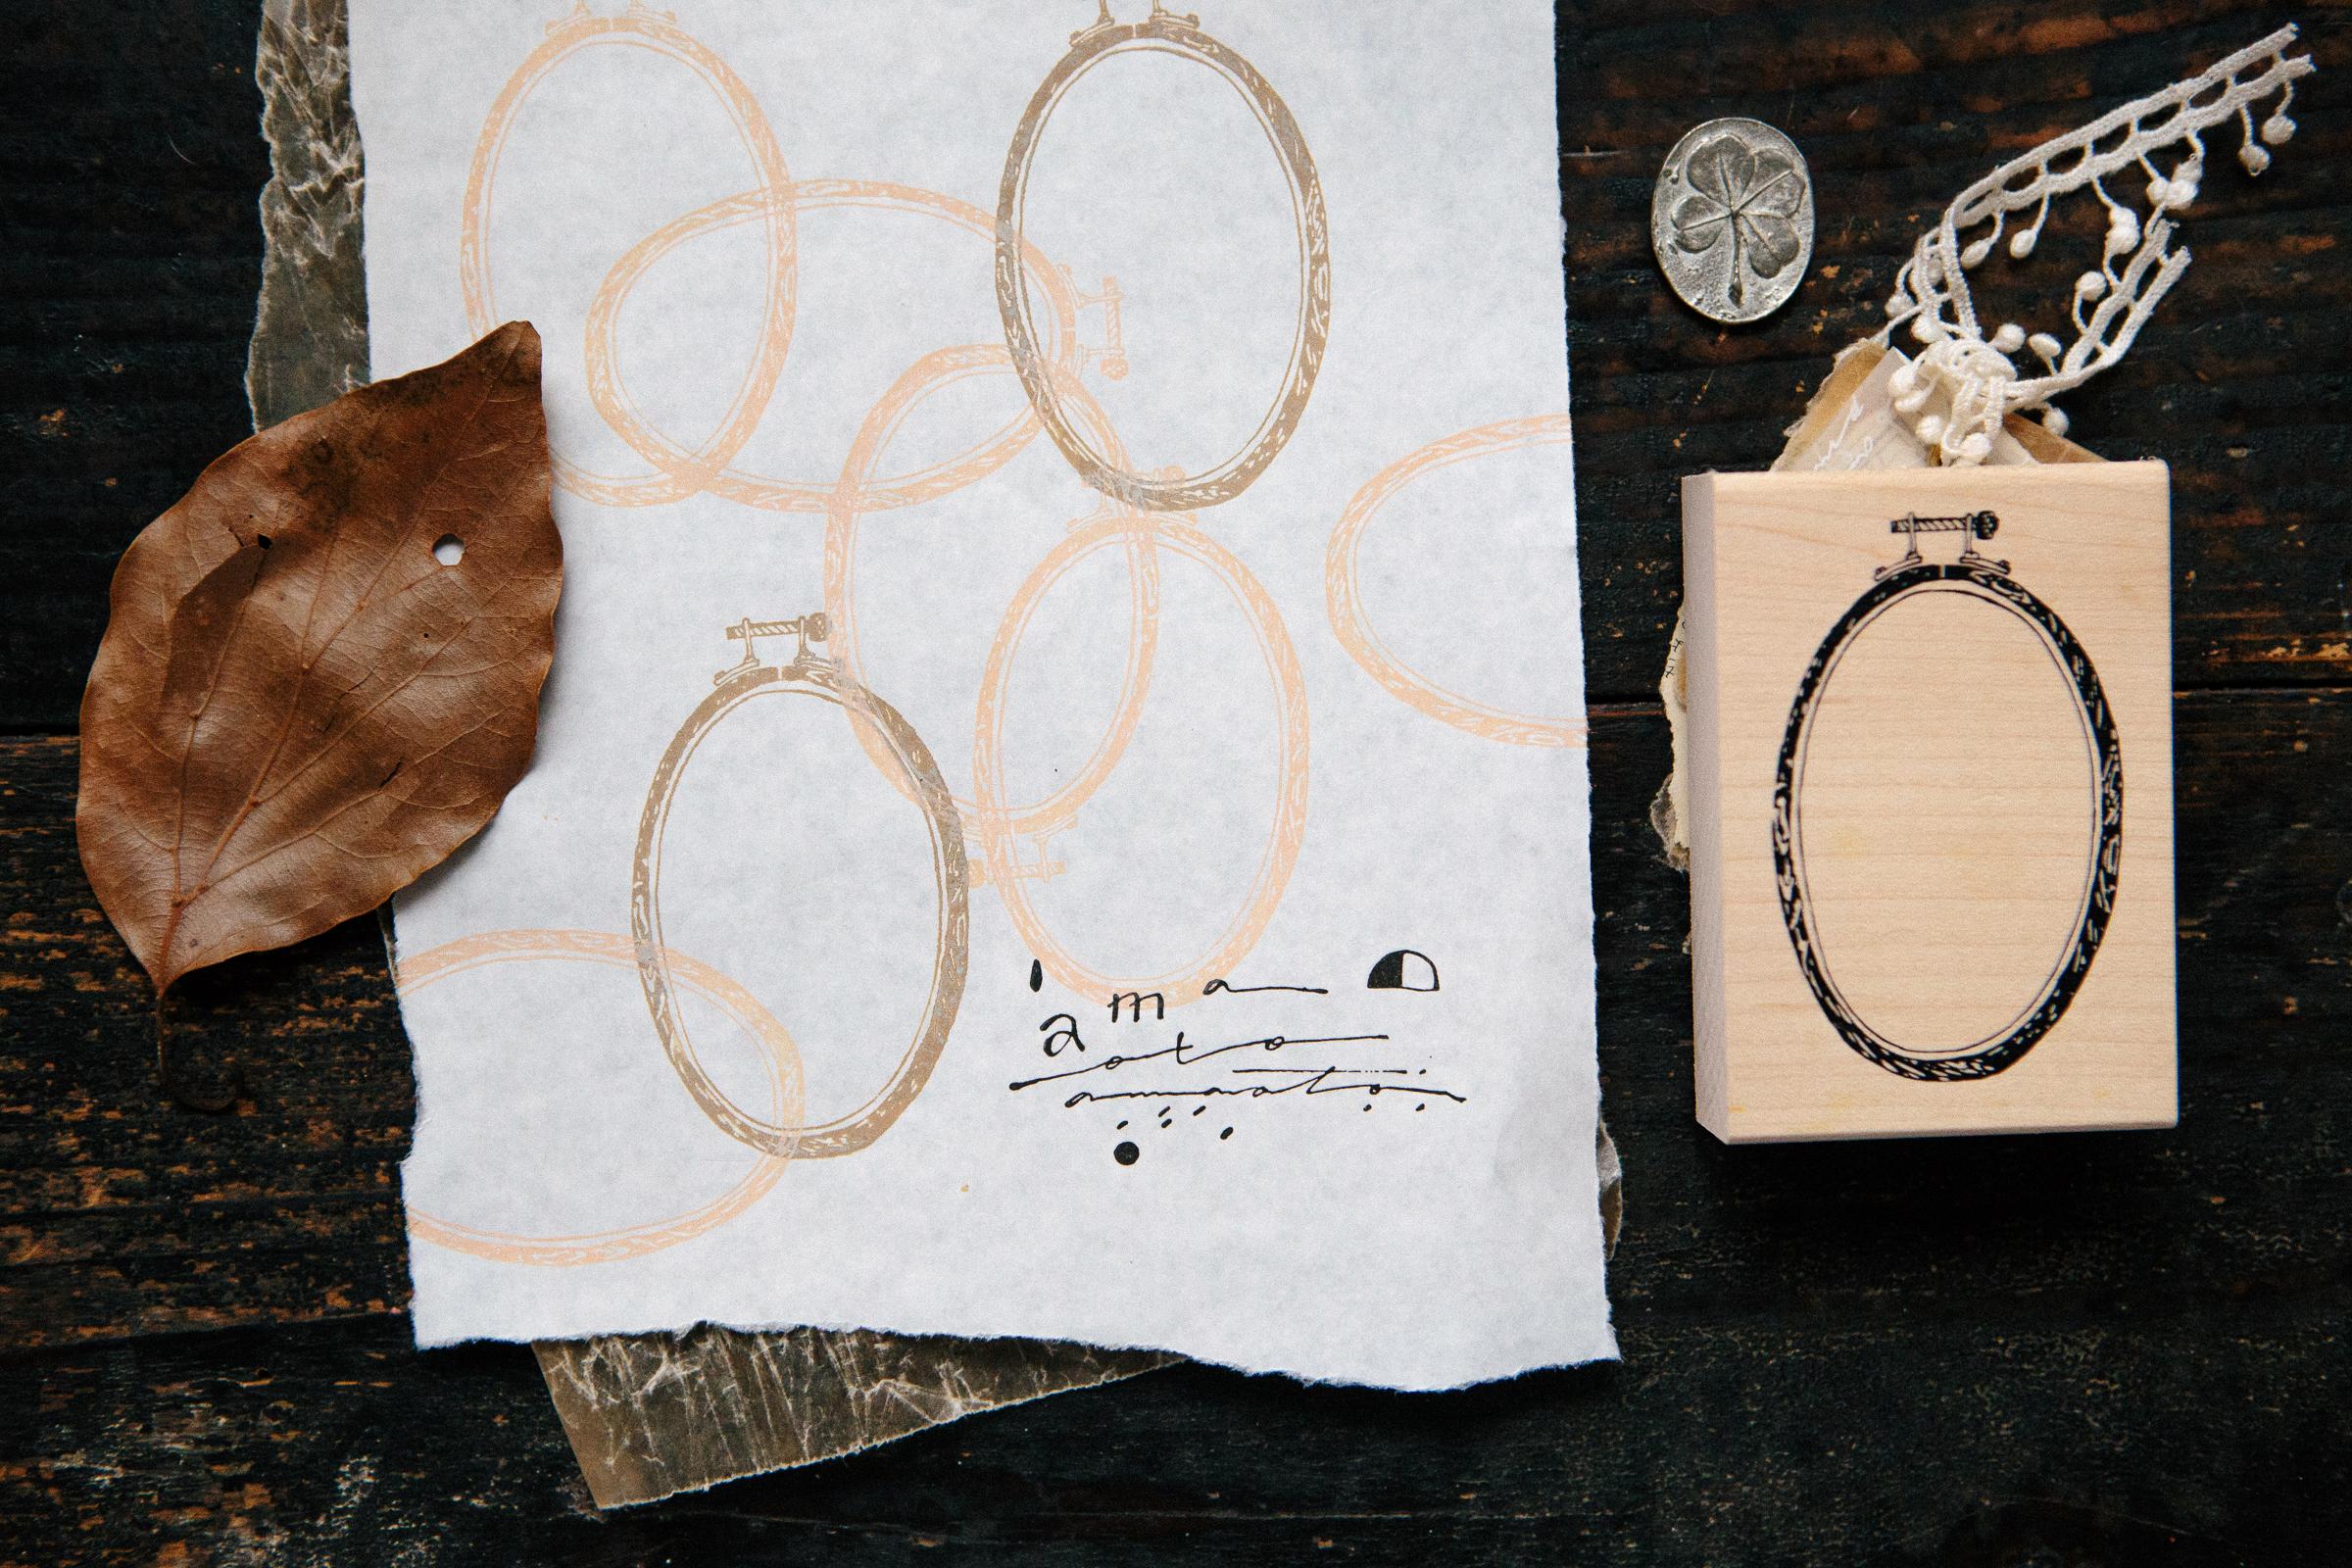 木紋綉框 楓木印章